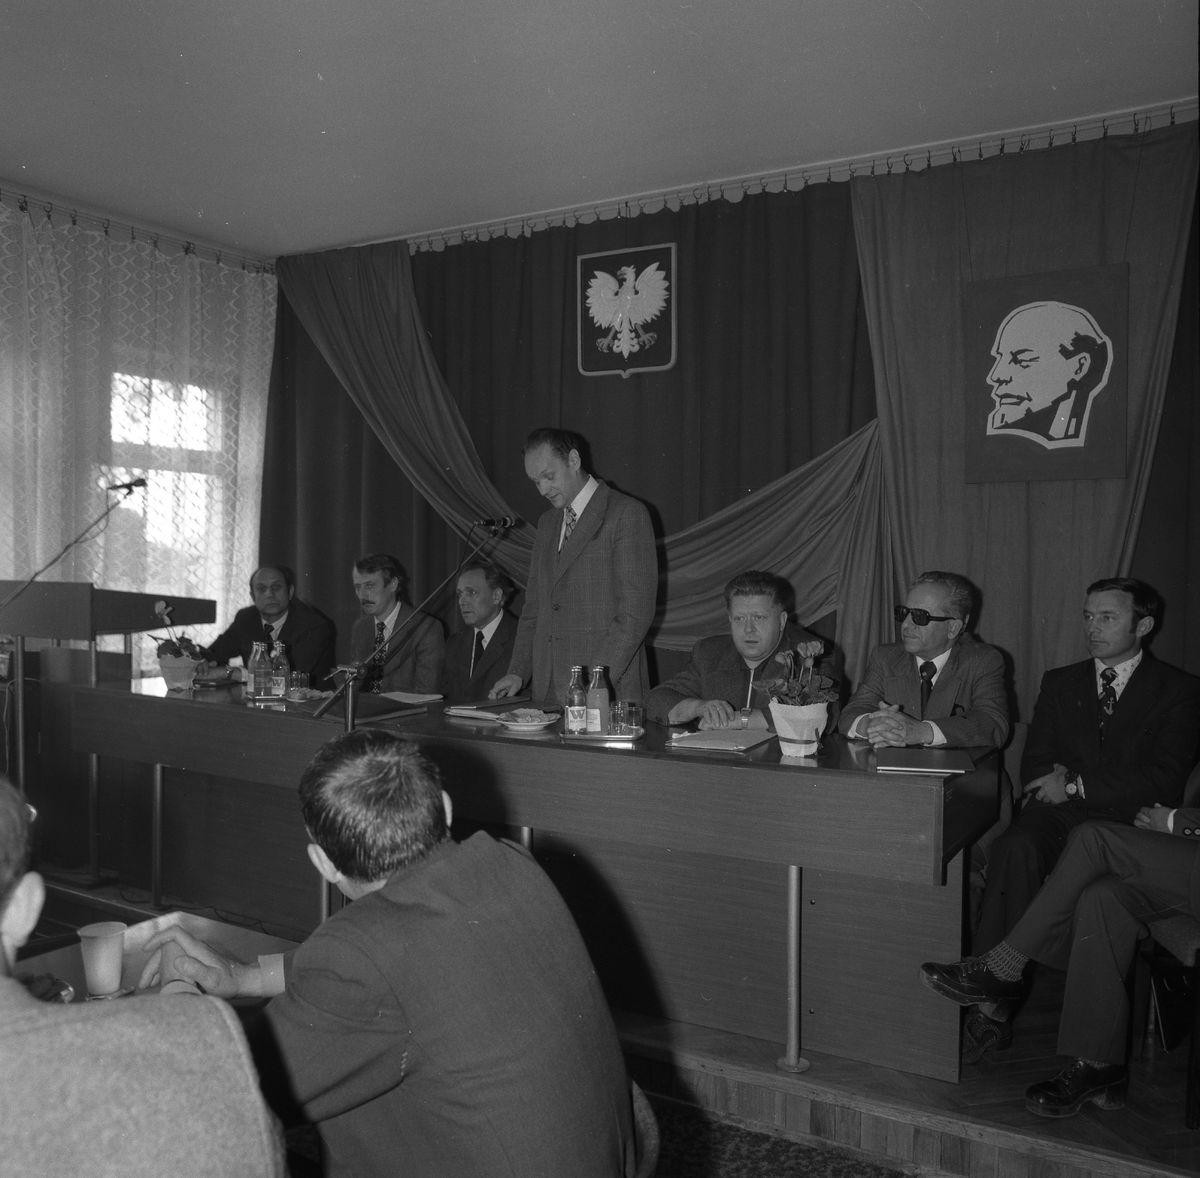 Wizyta konsula ZSRR w siedzibie KM PZPR [1]